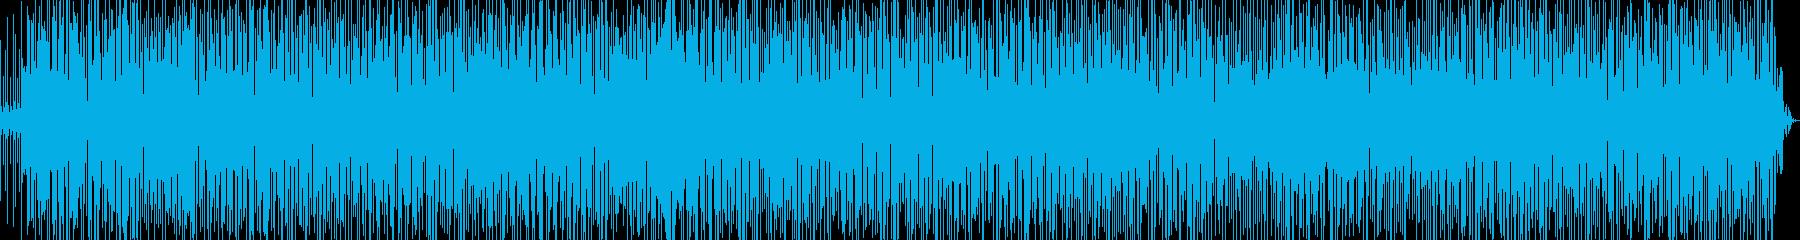 軽快なラテンファンク Ver.3-1の再生済みの波形